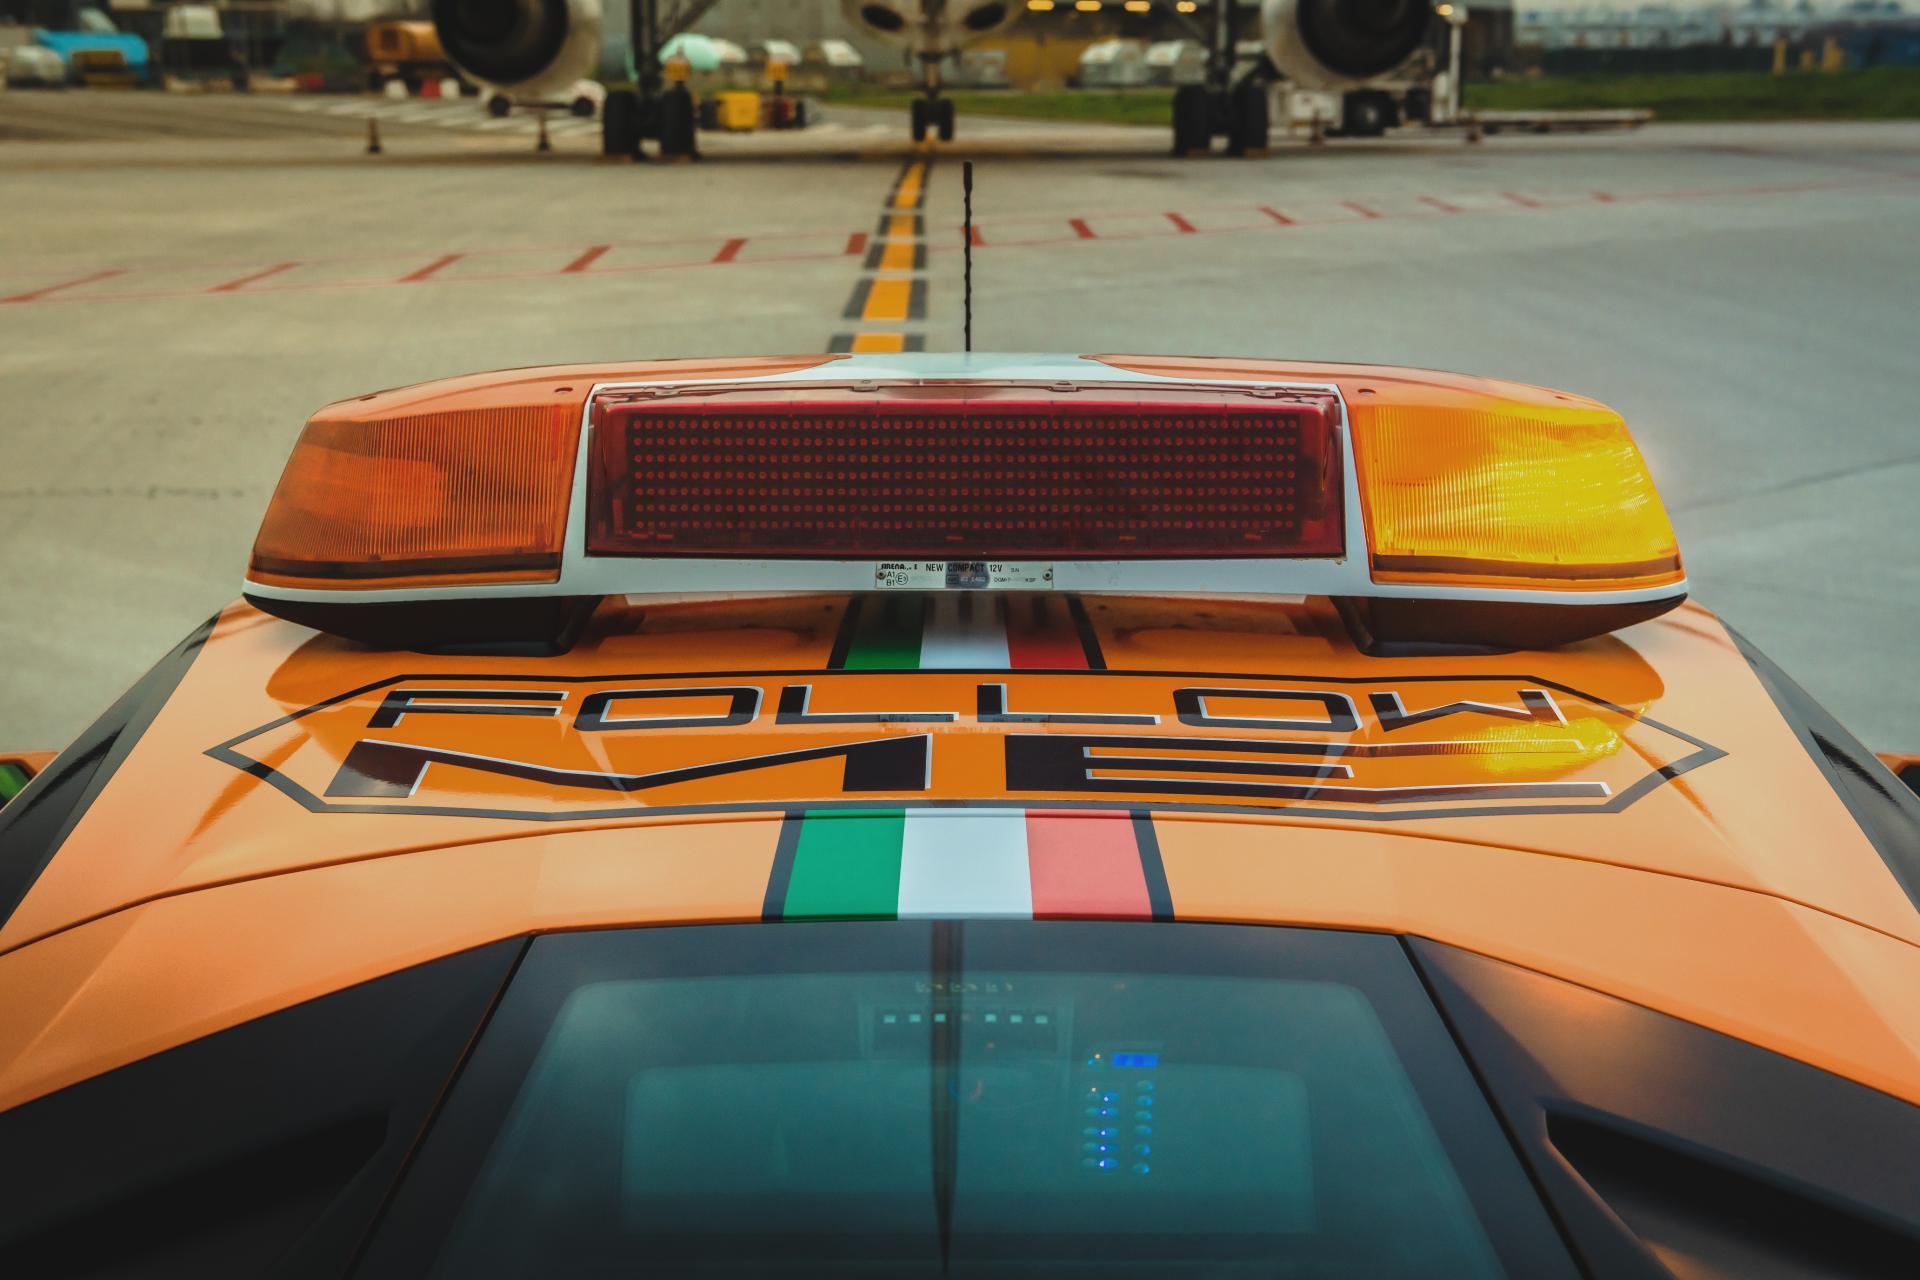 Lamborghini-Huracan-RWD-Follow-Me-Car-Bologna-Airport-11